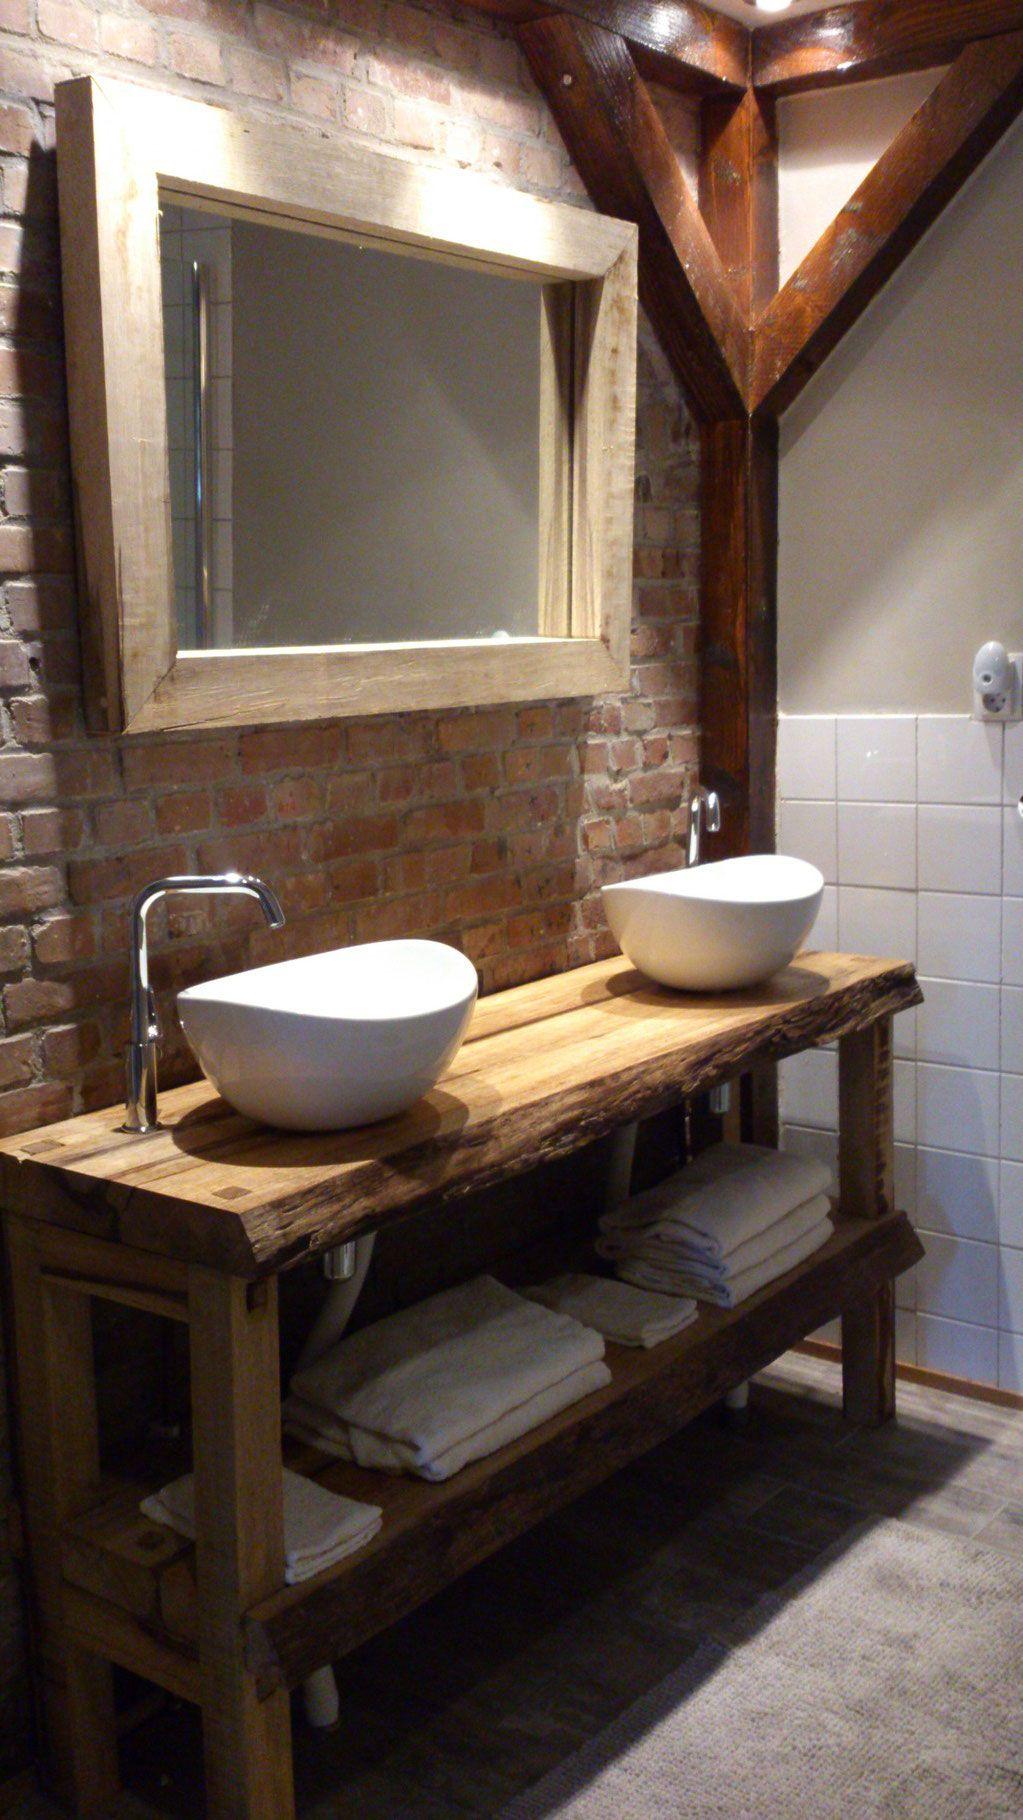 badkamermeubels stenfert puurhout robuust landelijk en stoere houten meubels kleine badkamer